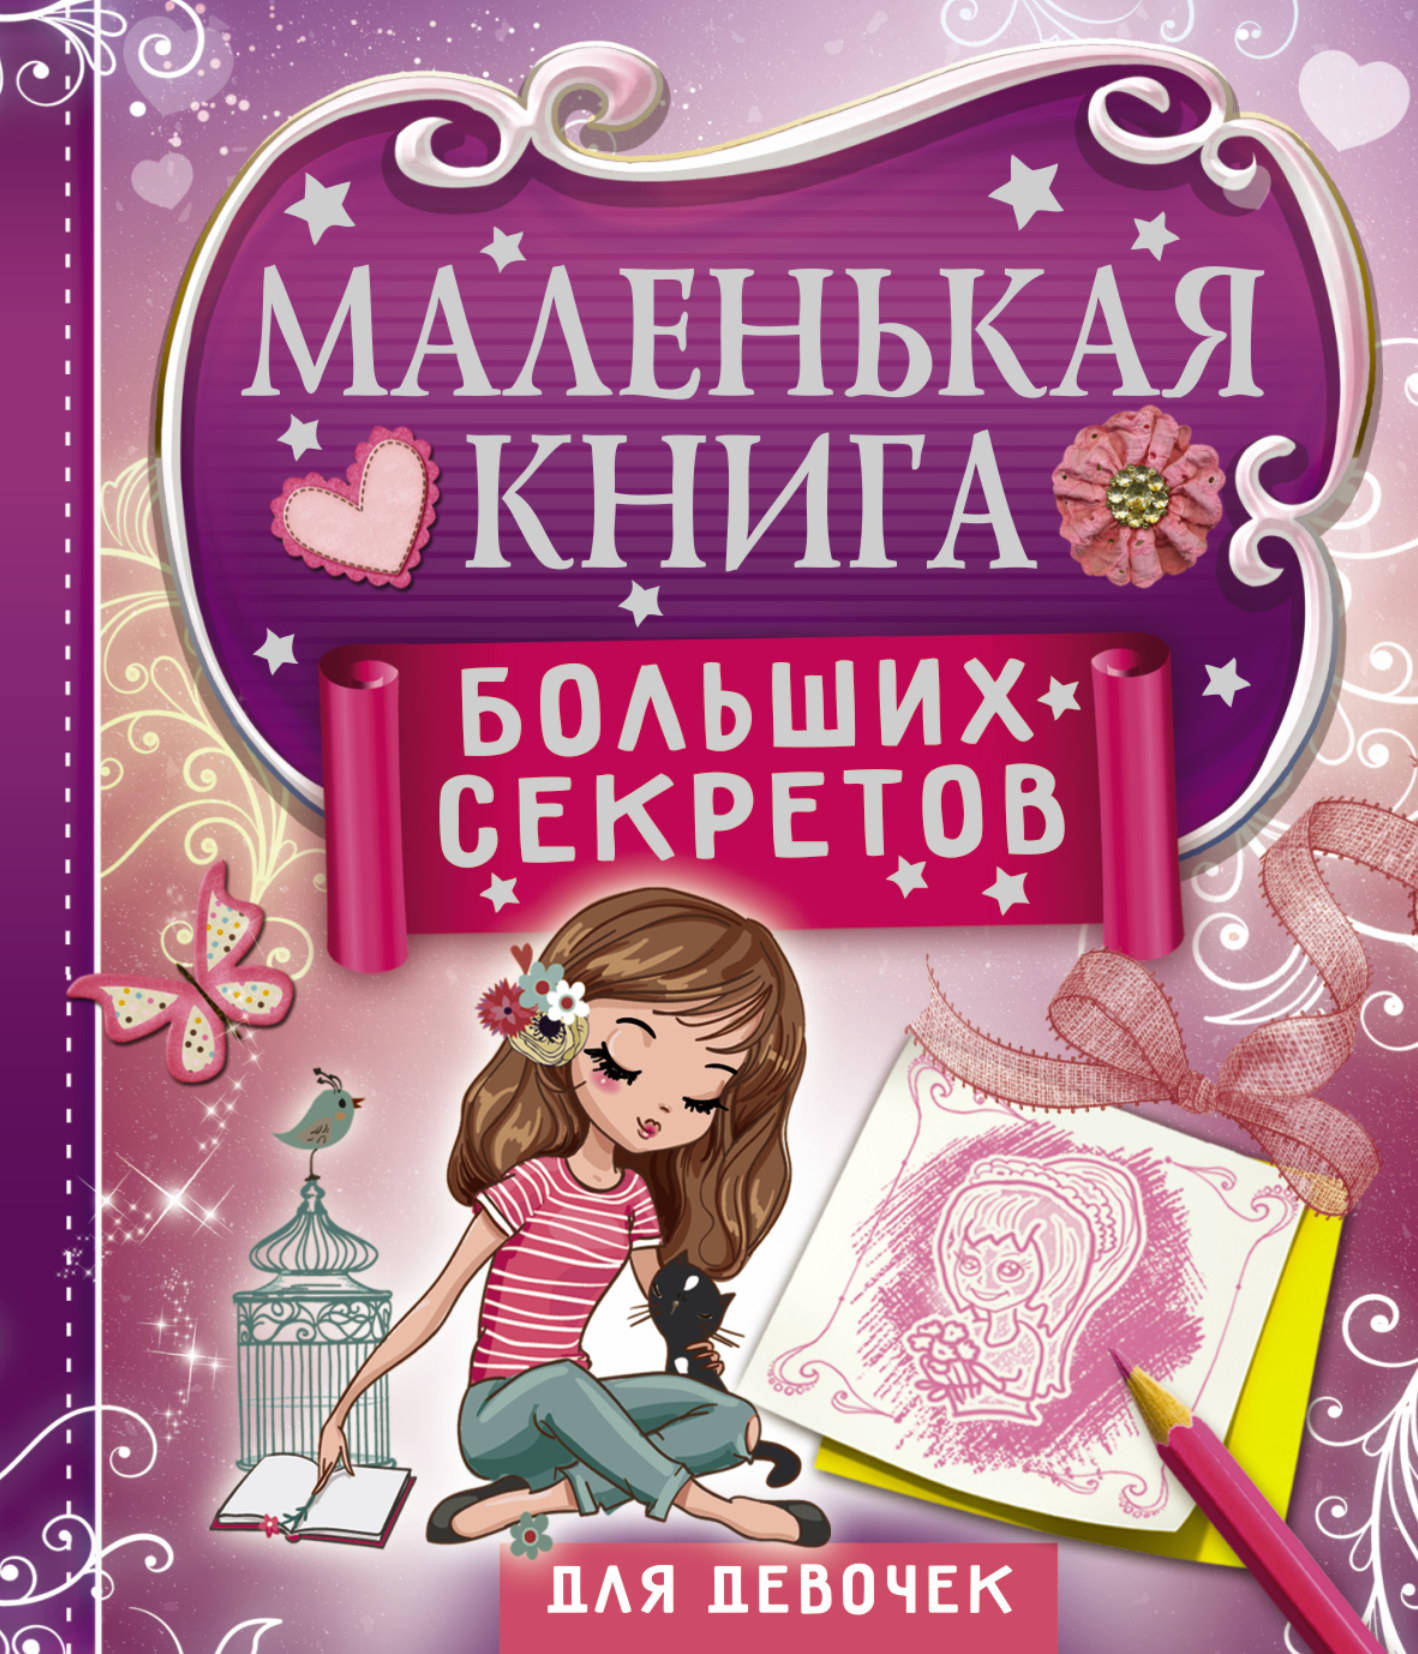 Маленькая книга больших секретов для девочек ( Иолтуховская Е.А.  )